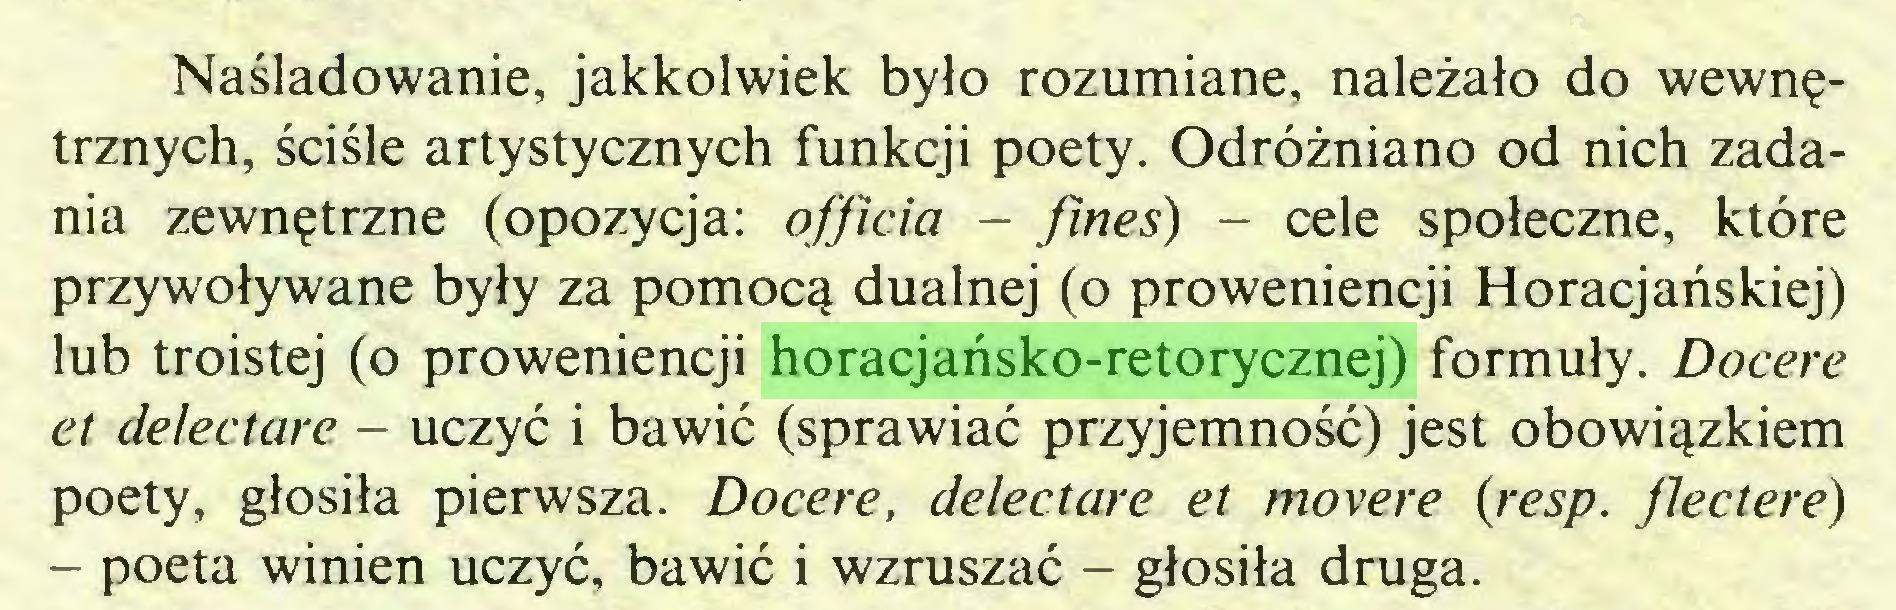 (...) Naśladowanie, jakkolwiek było rozumiane, należało do wewnętrznych, ściśle artystycznych funkcji poety. Odróżniano od nich zadania zewnętrzne (opozycja: officia - fineś) - cele społeczne, które przywoływane były za pomocą dualnej (o proweniencji Horacjańskiej) lub troistej (o proweniencji horacjańsko-retorycznej) formuły. Docere et de/ectare - uczyć i bawić (sprawiać przyjemność) jest obowiązkiem poety, głosiła pierwsza. Docere, delectare et movere (resp. Jlectere) - poeta winien uczyć, bawić i wzruszać - głosiła druga...